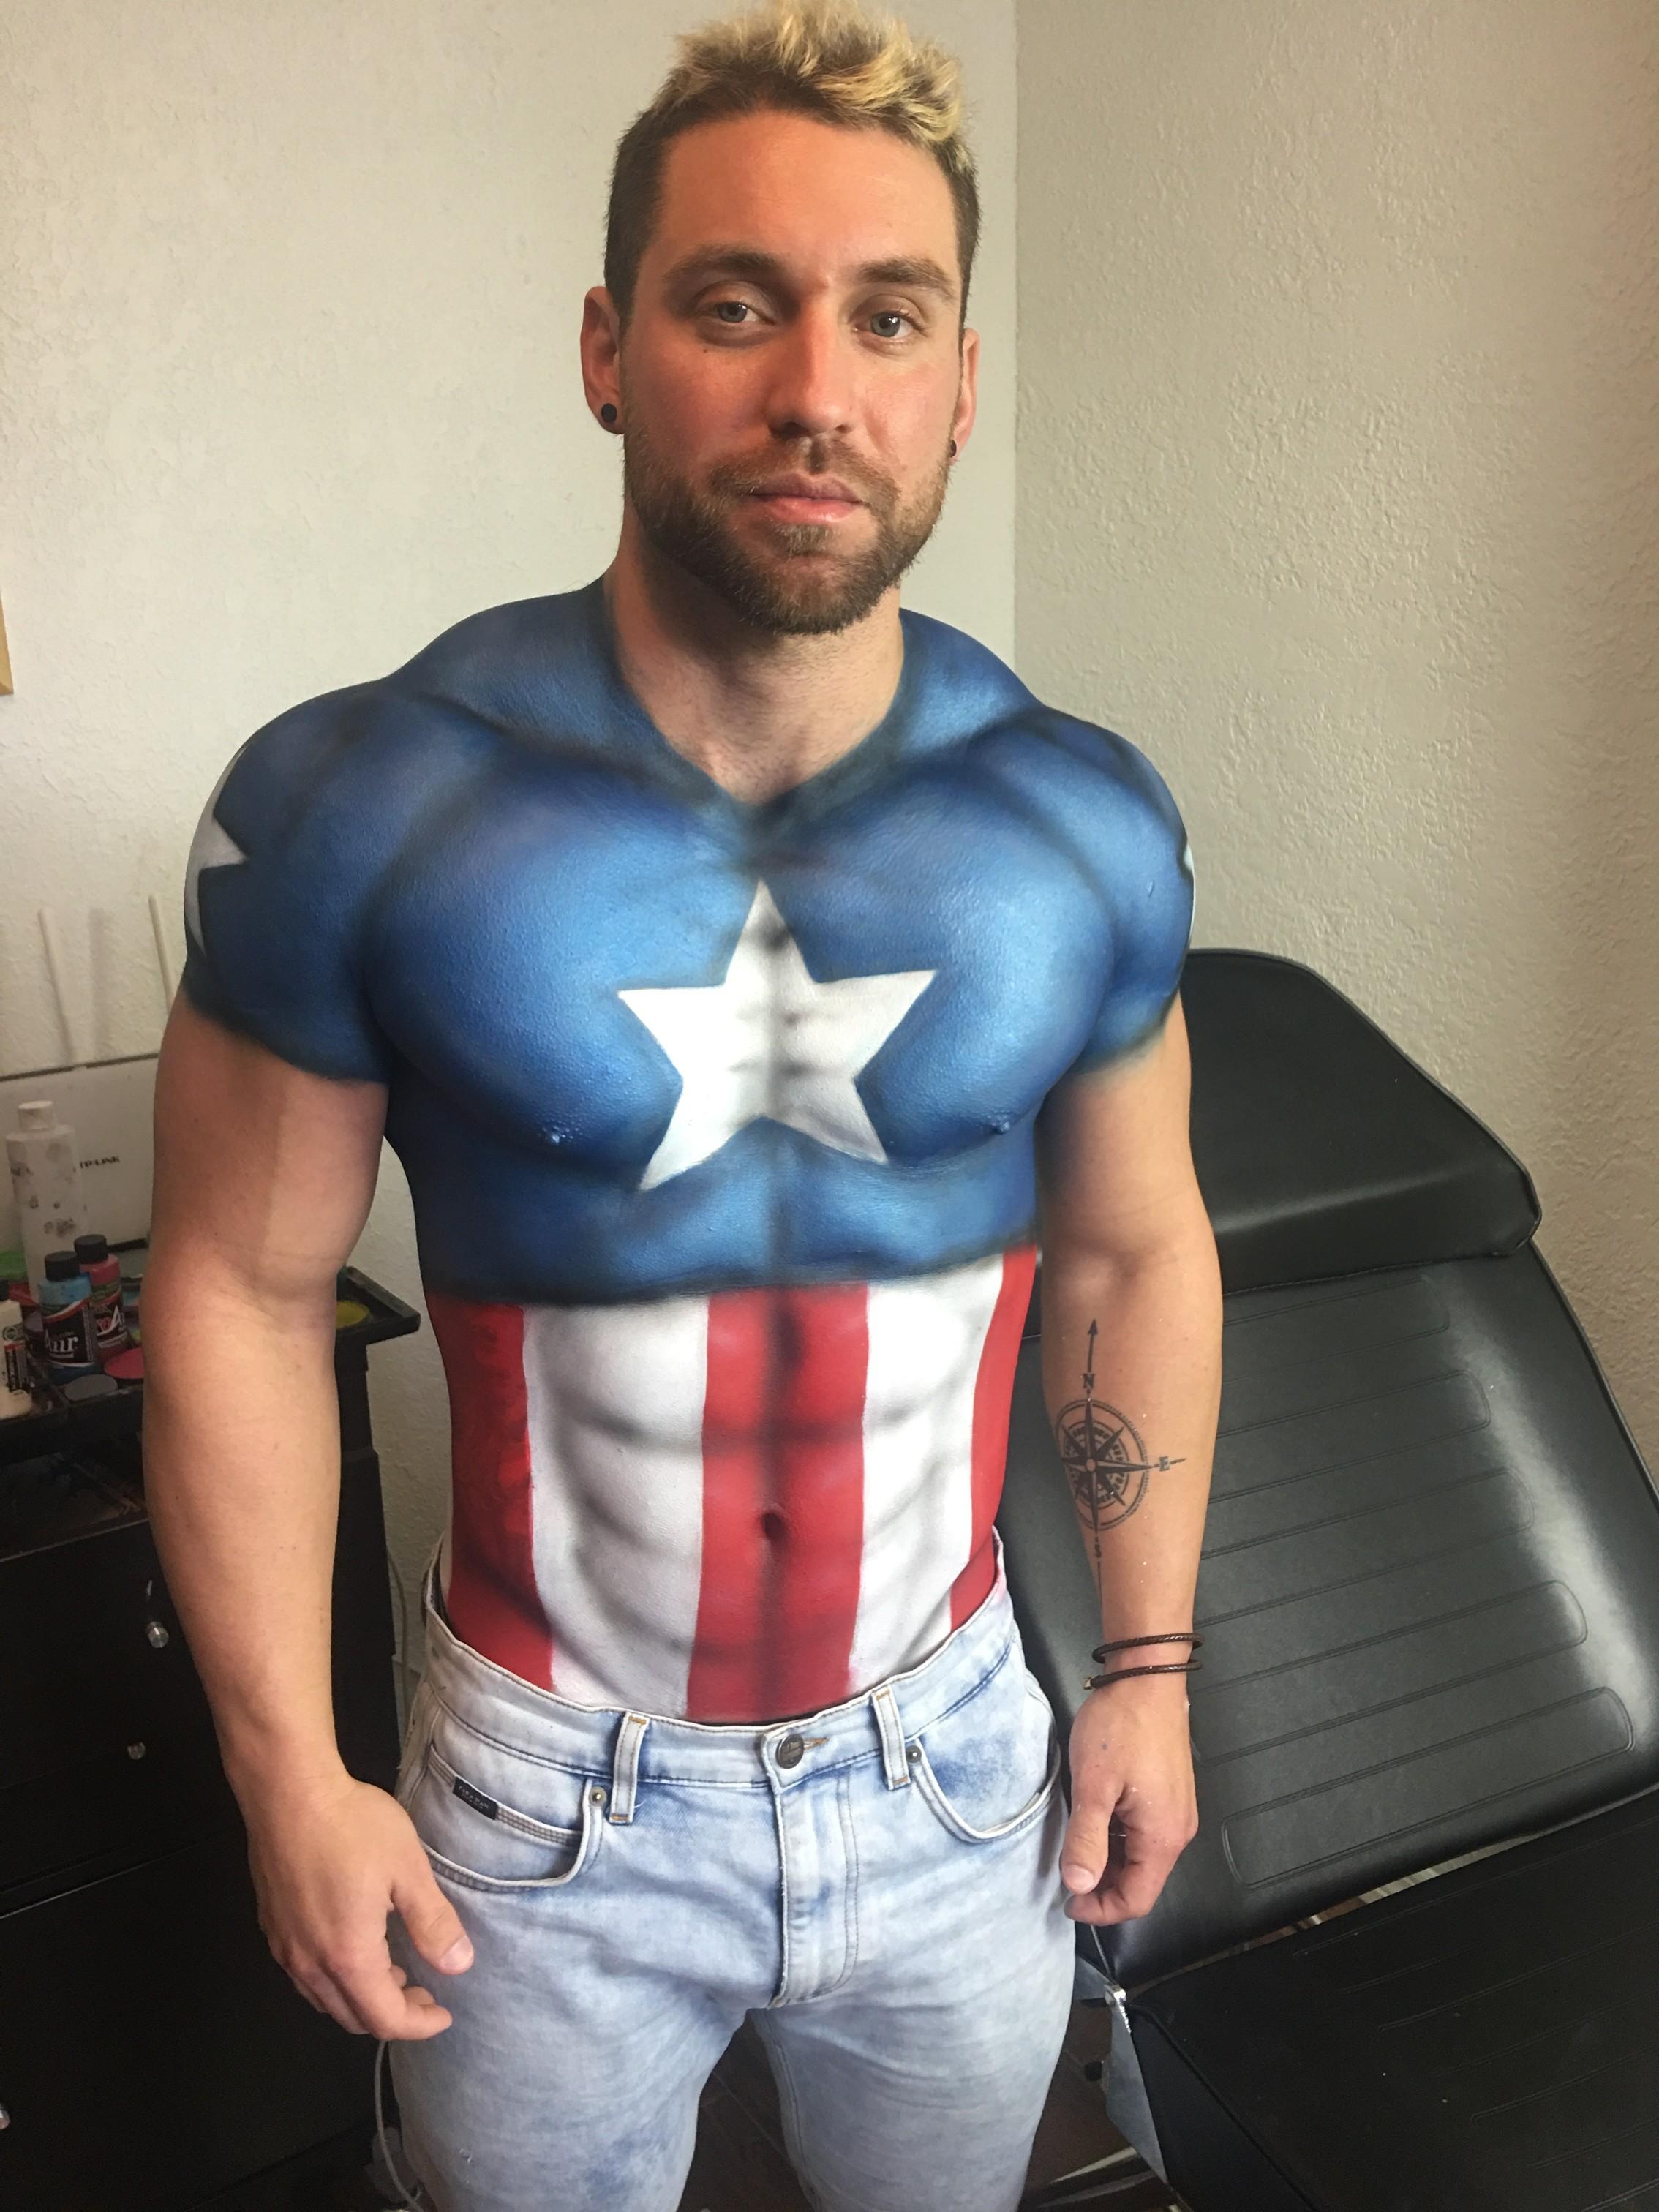 captain_america_bodypaint_